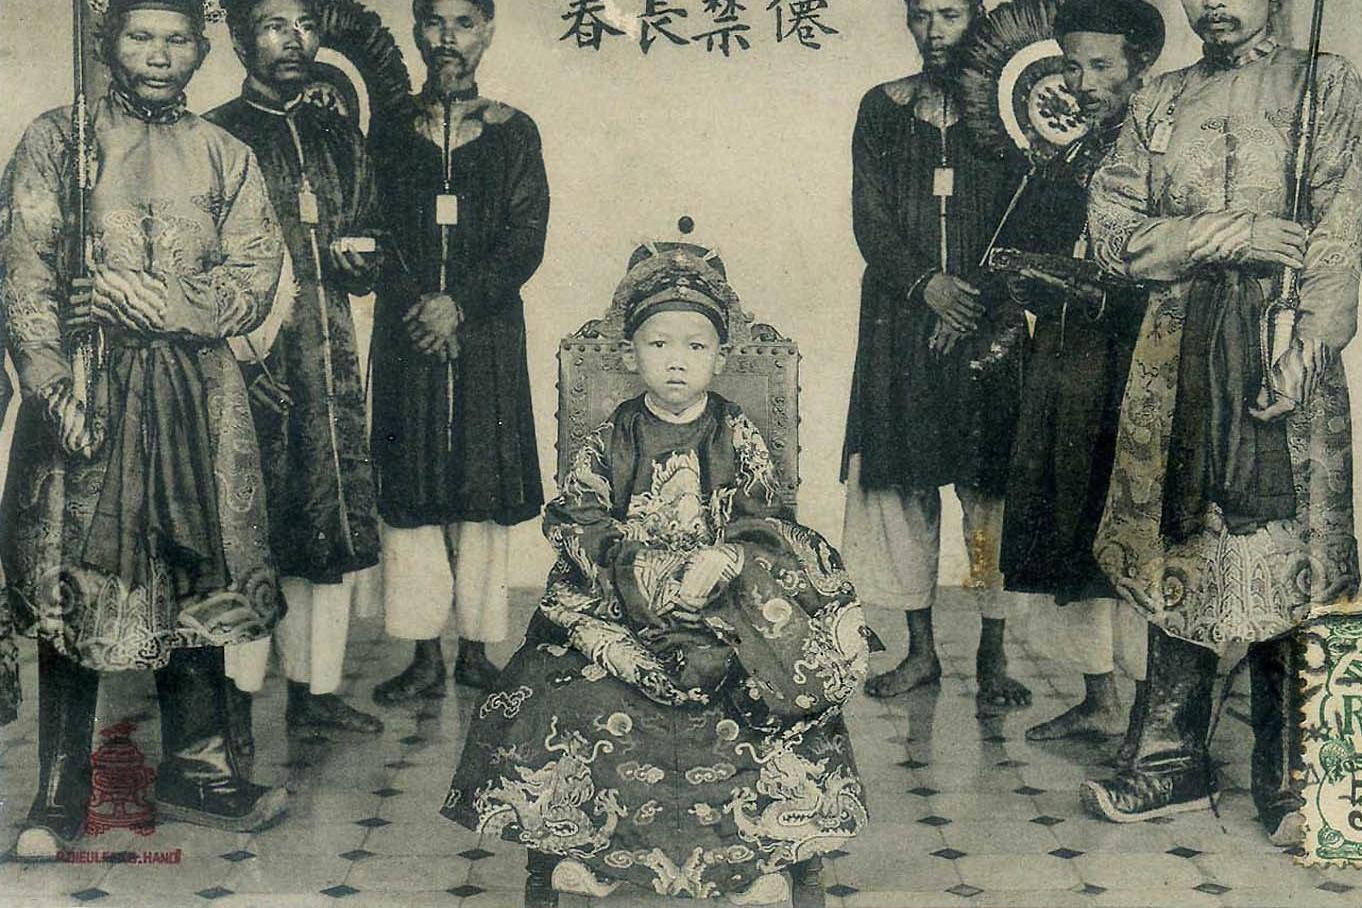 Điểm danh các vị vua trẻ con trong lịch sử Việt Nam